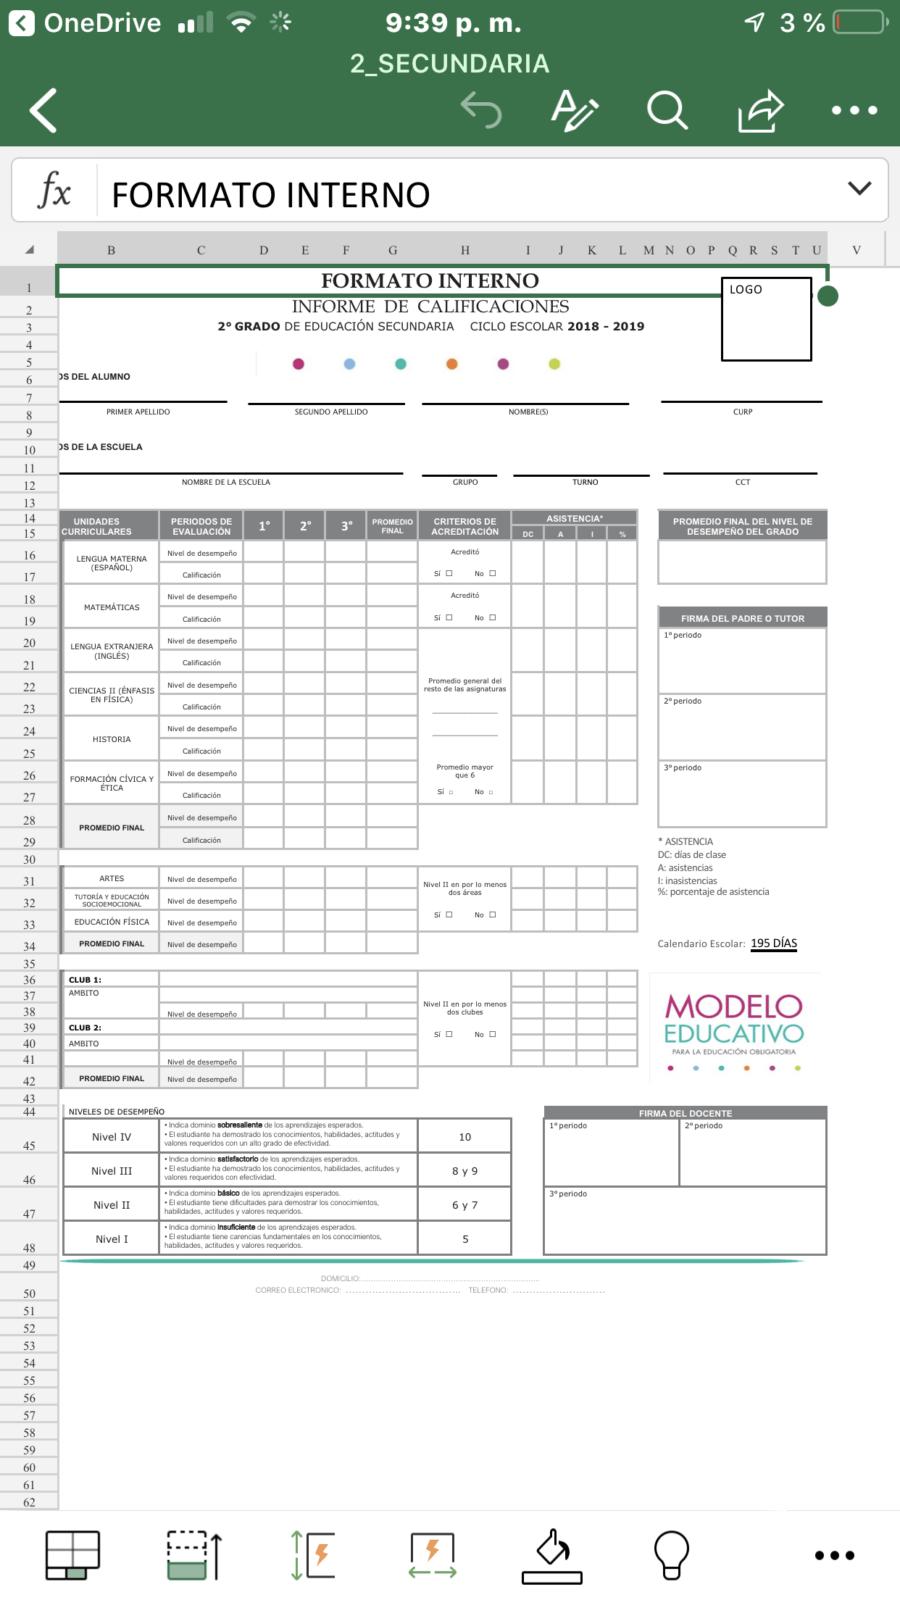 ejemplo de formato interno de reporte de calificaciones